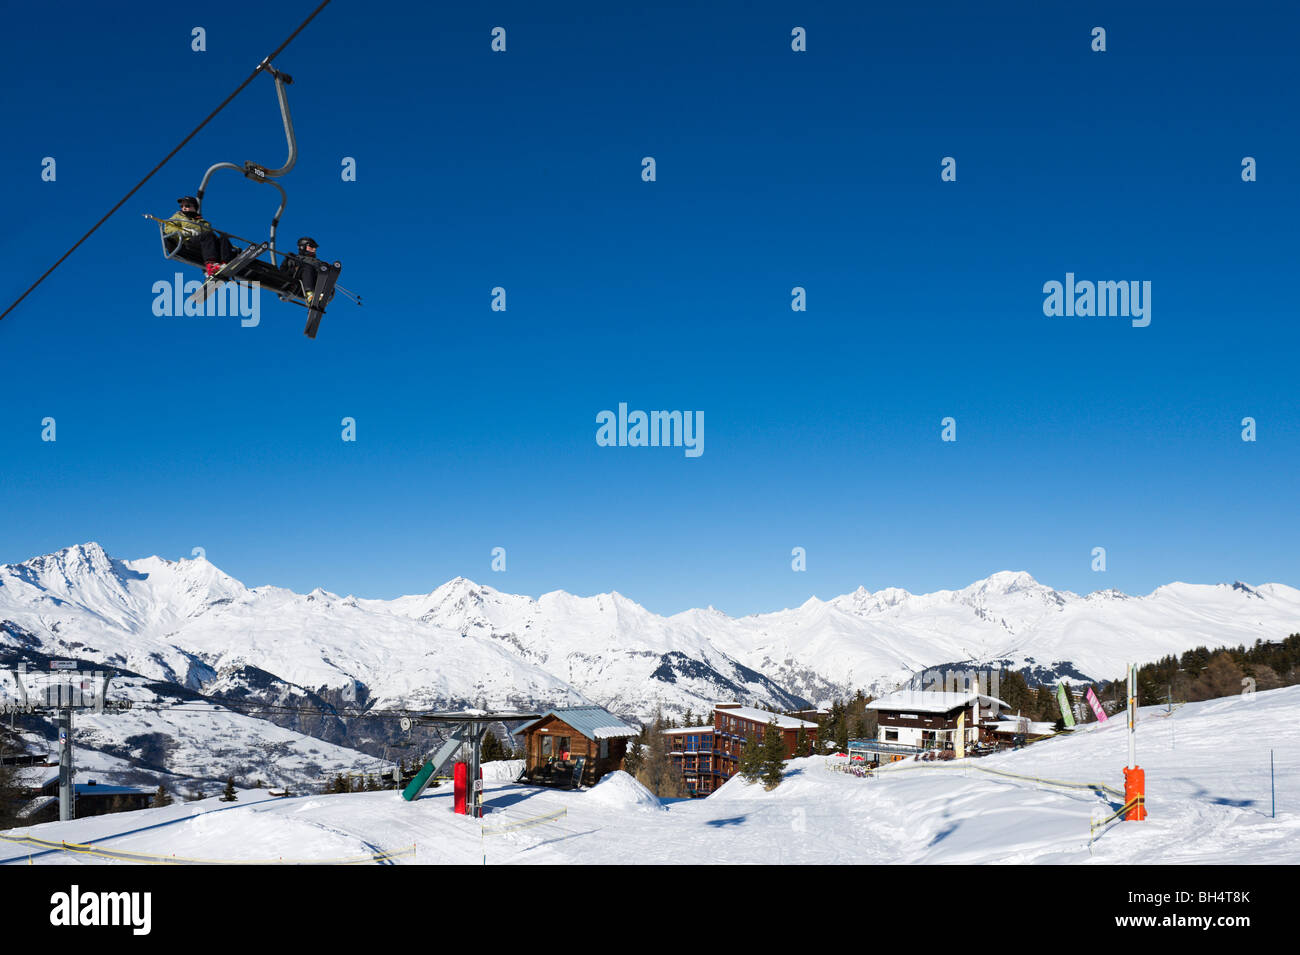 Il Charmettoger seggiovia vicino al centro del resort, Arc 1800, Les Arcs, Tarentaise, Savoie, Francia Immagini Stock